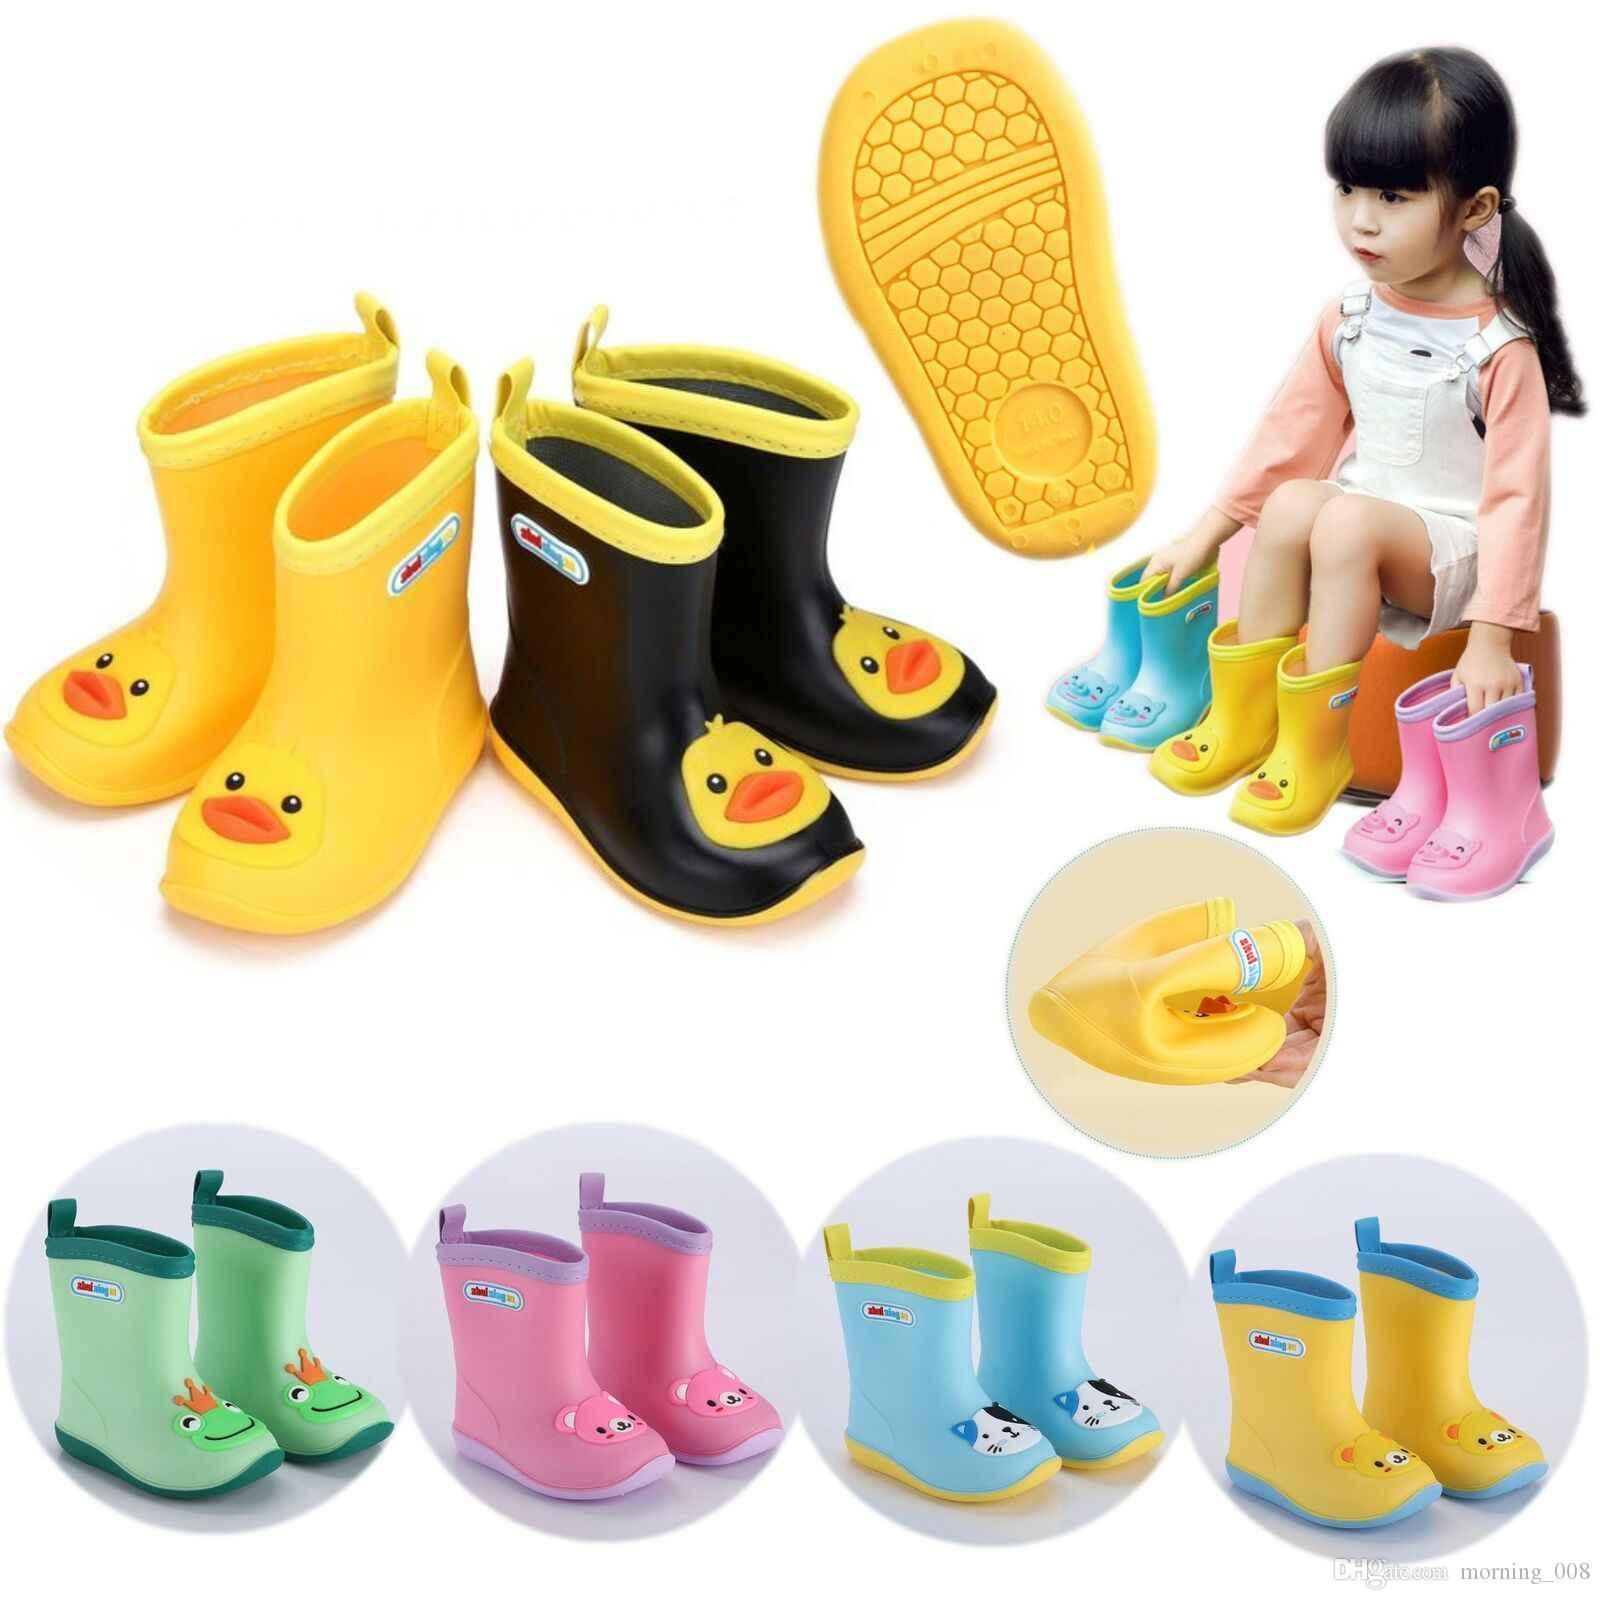 Kids 3D Cartoon Wasserdichte Stiefel Wellies Wasser Regen PVC Anti-Rutsch-Stiefel Kinder Jungen Mädchen Four Seasons Regen Schuhe EUR Größe 24-31